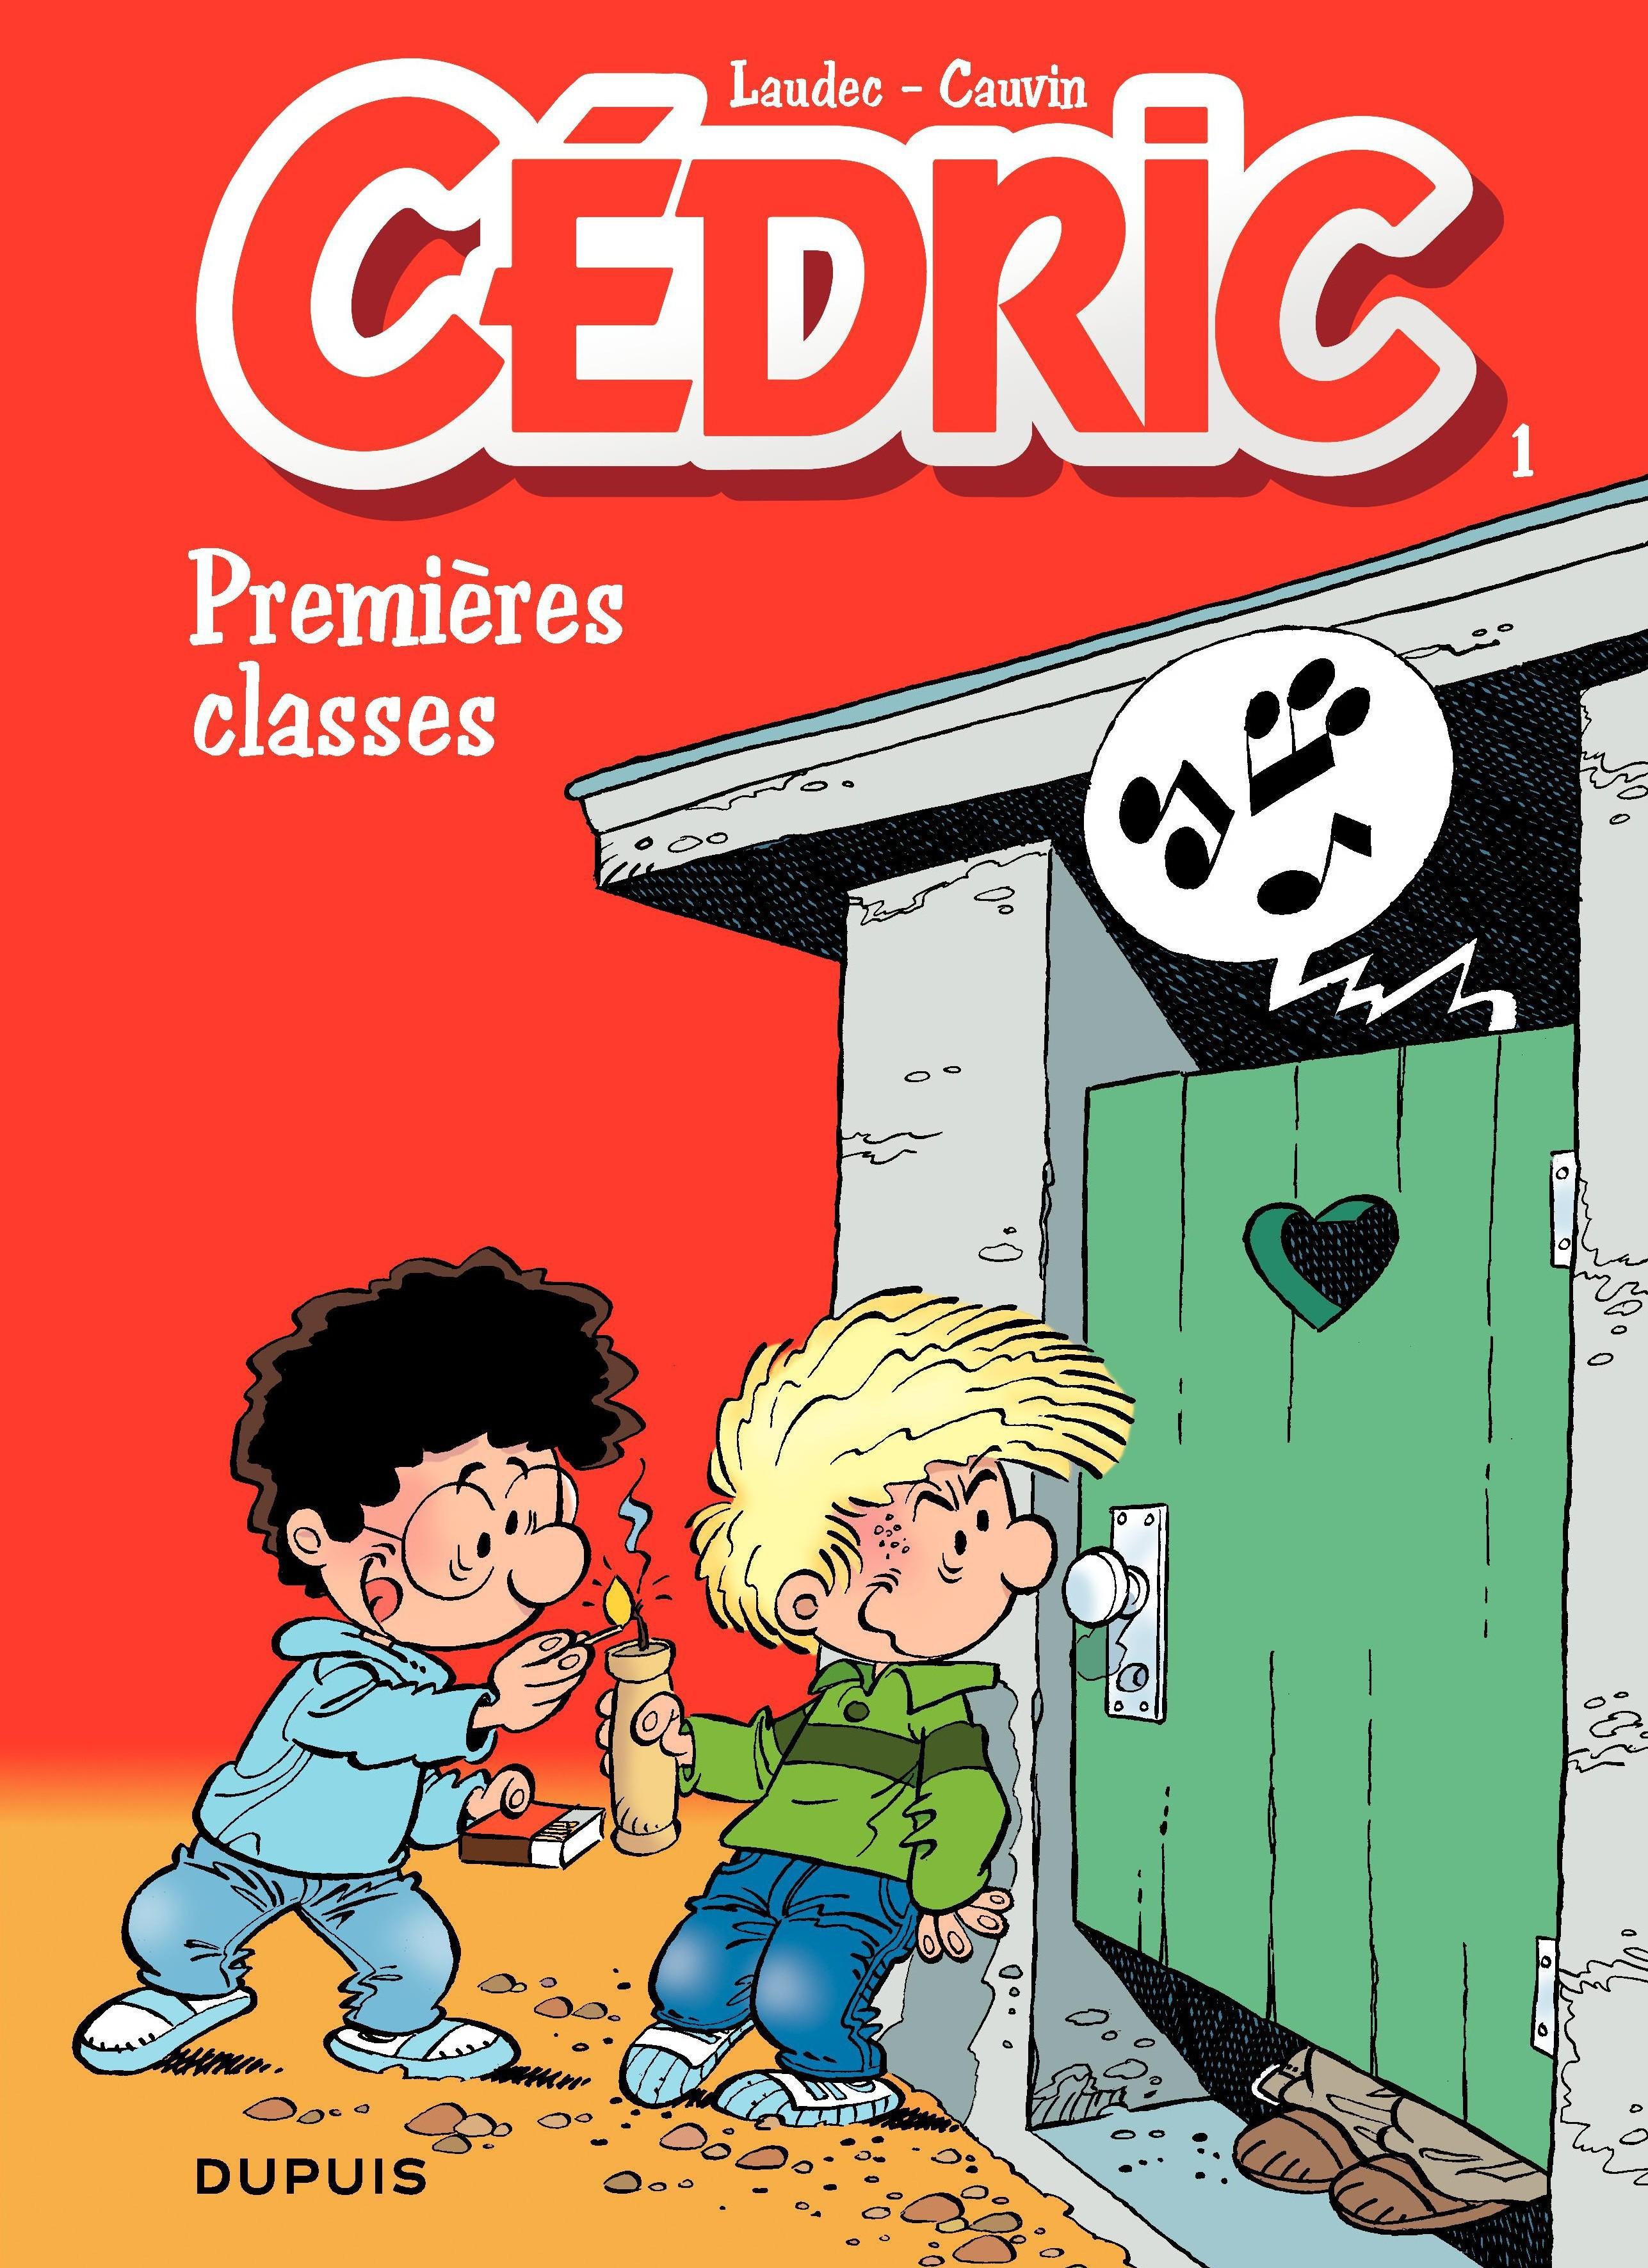 Couverture : Cédric T.1 : Premières classes  Laudec / Cauvin